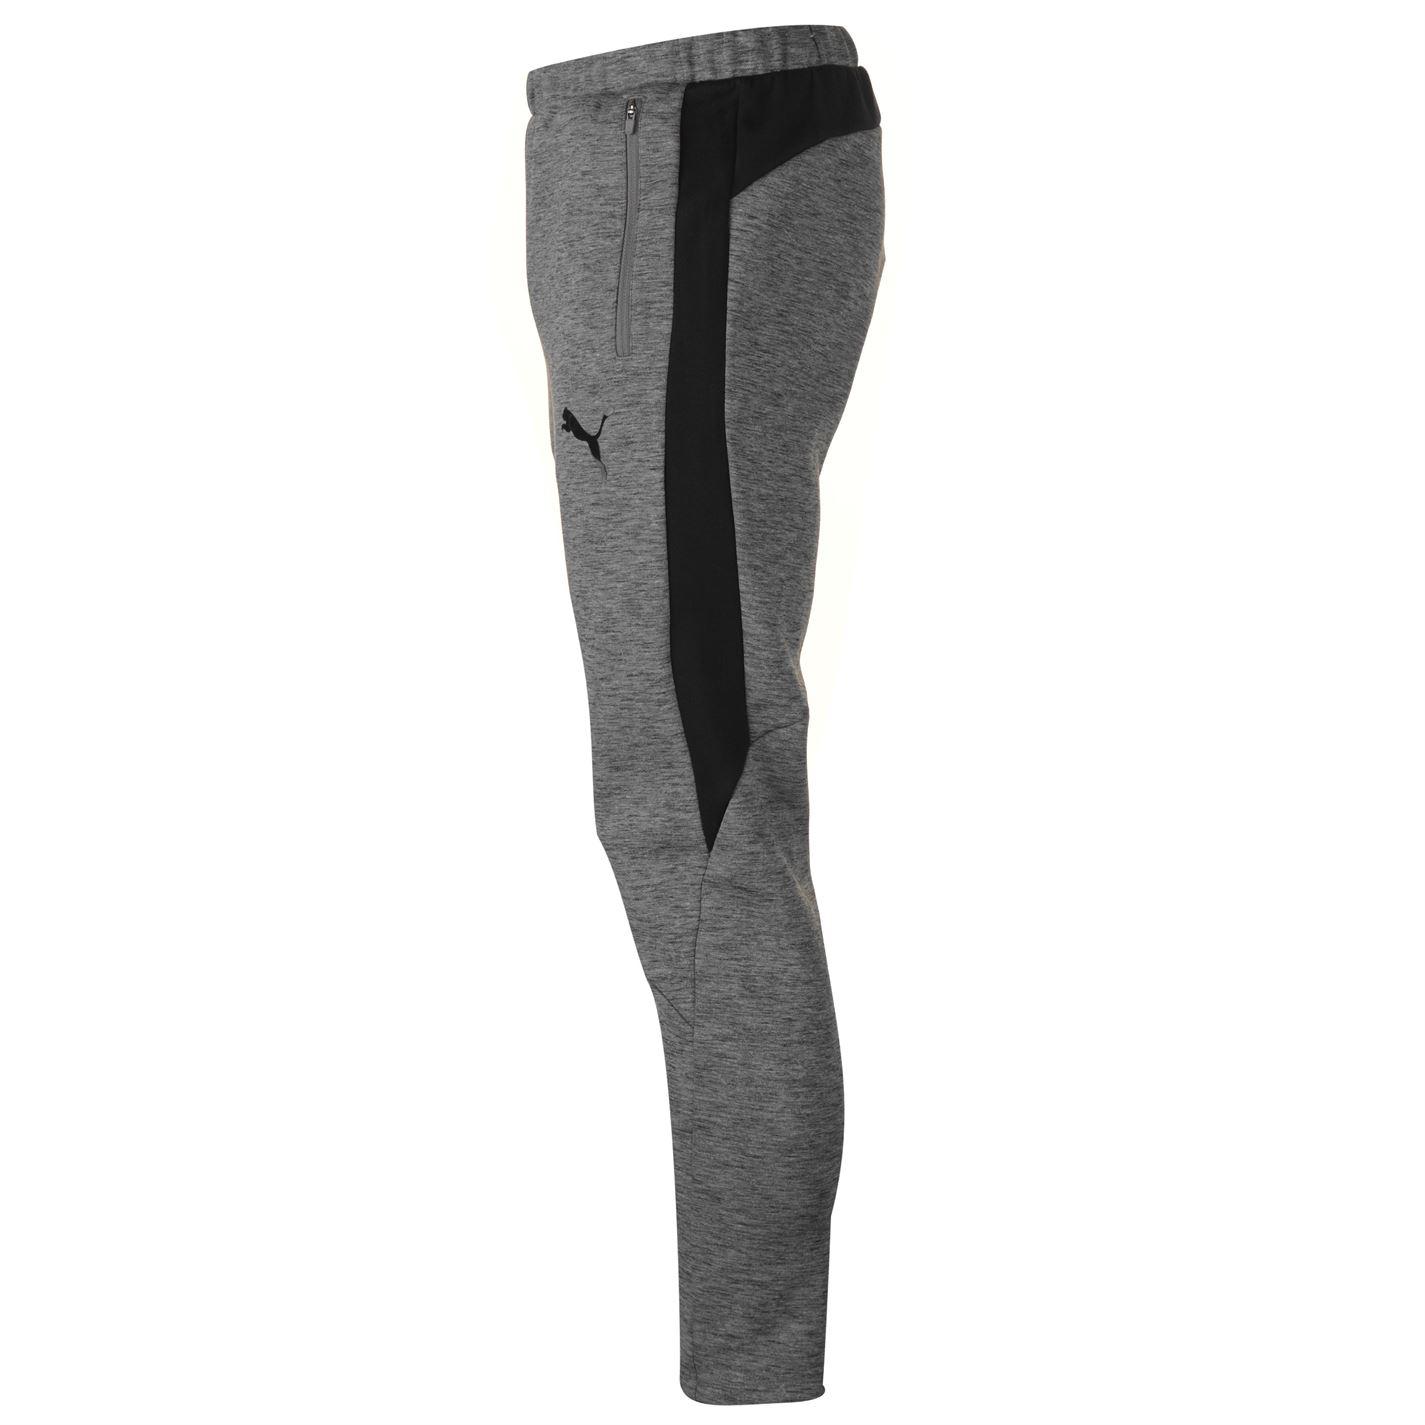 Details about Puma Evostripe Pants Mens Gents Fleece Jogging Bottoms Trousers Zip Stripe